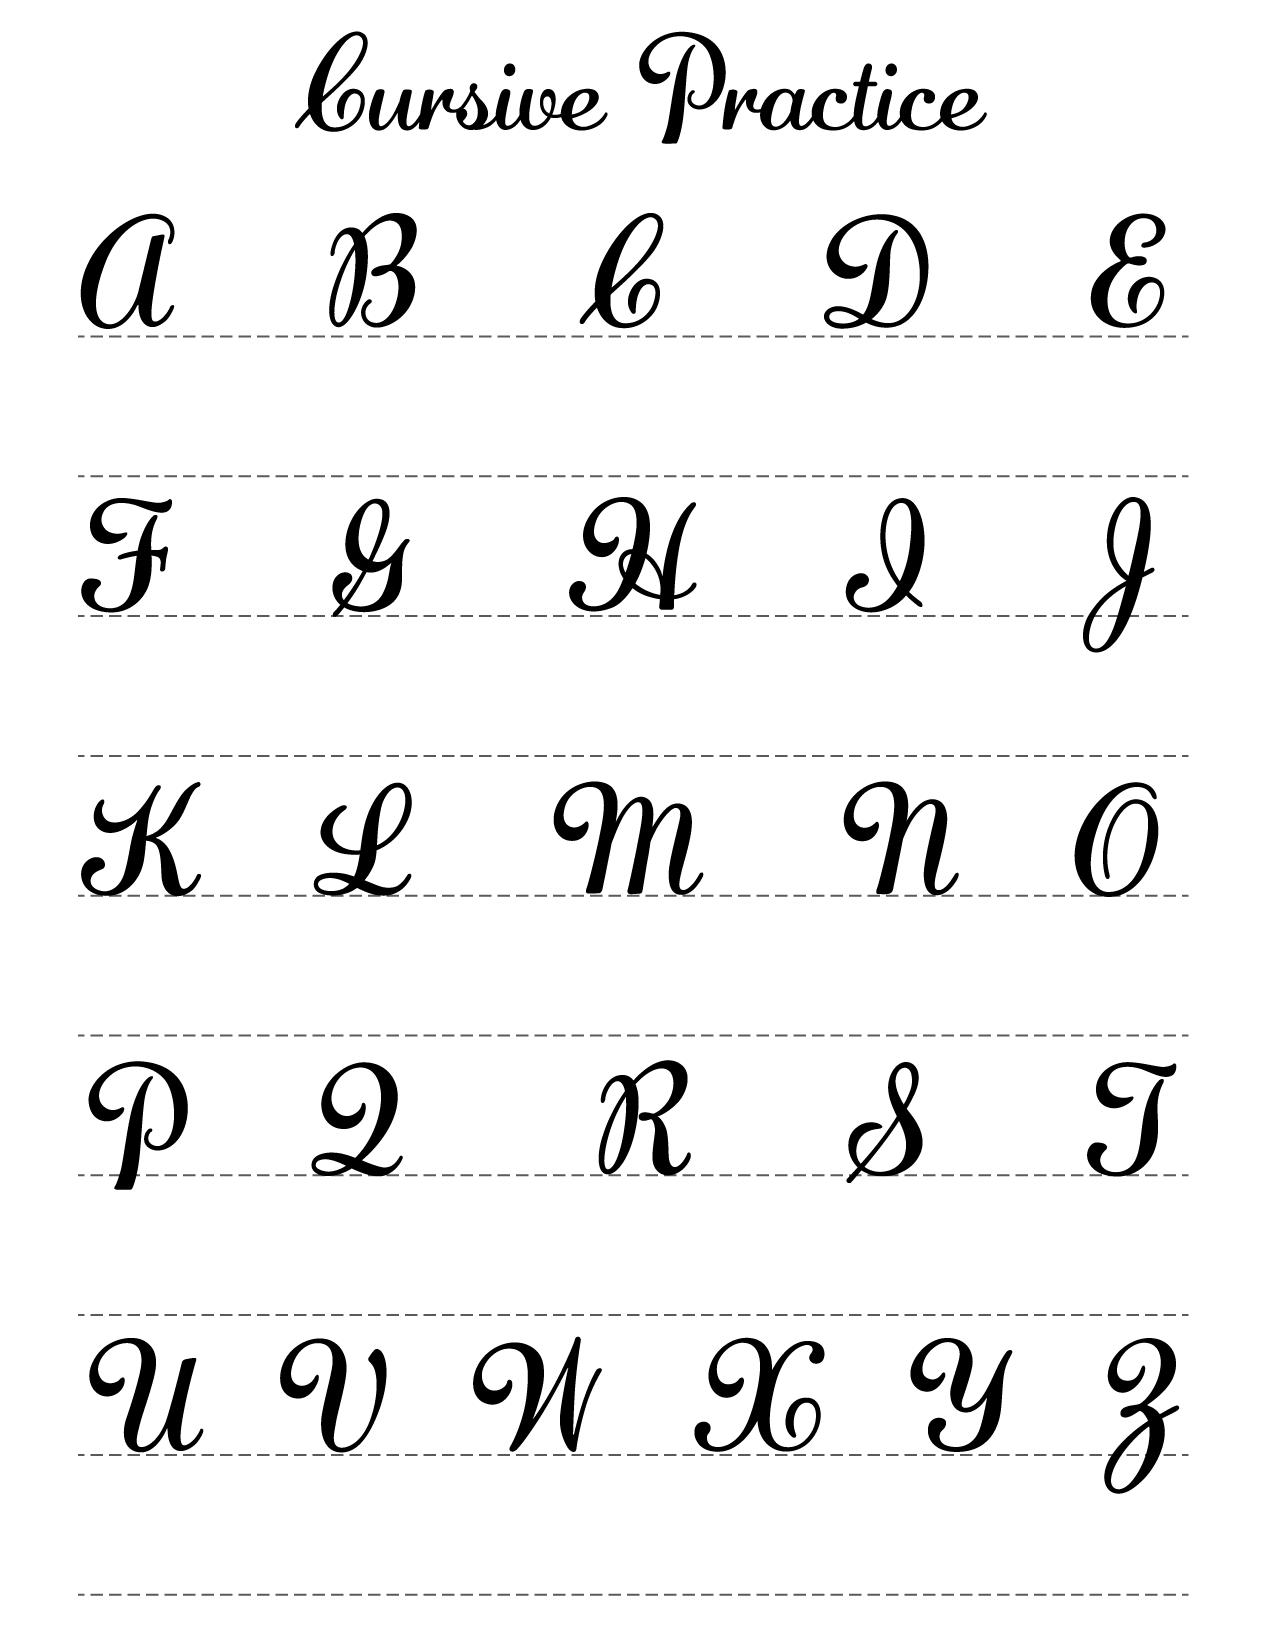 Capital cursive practice